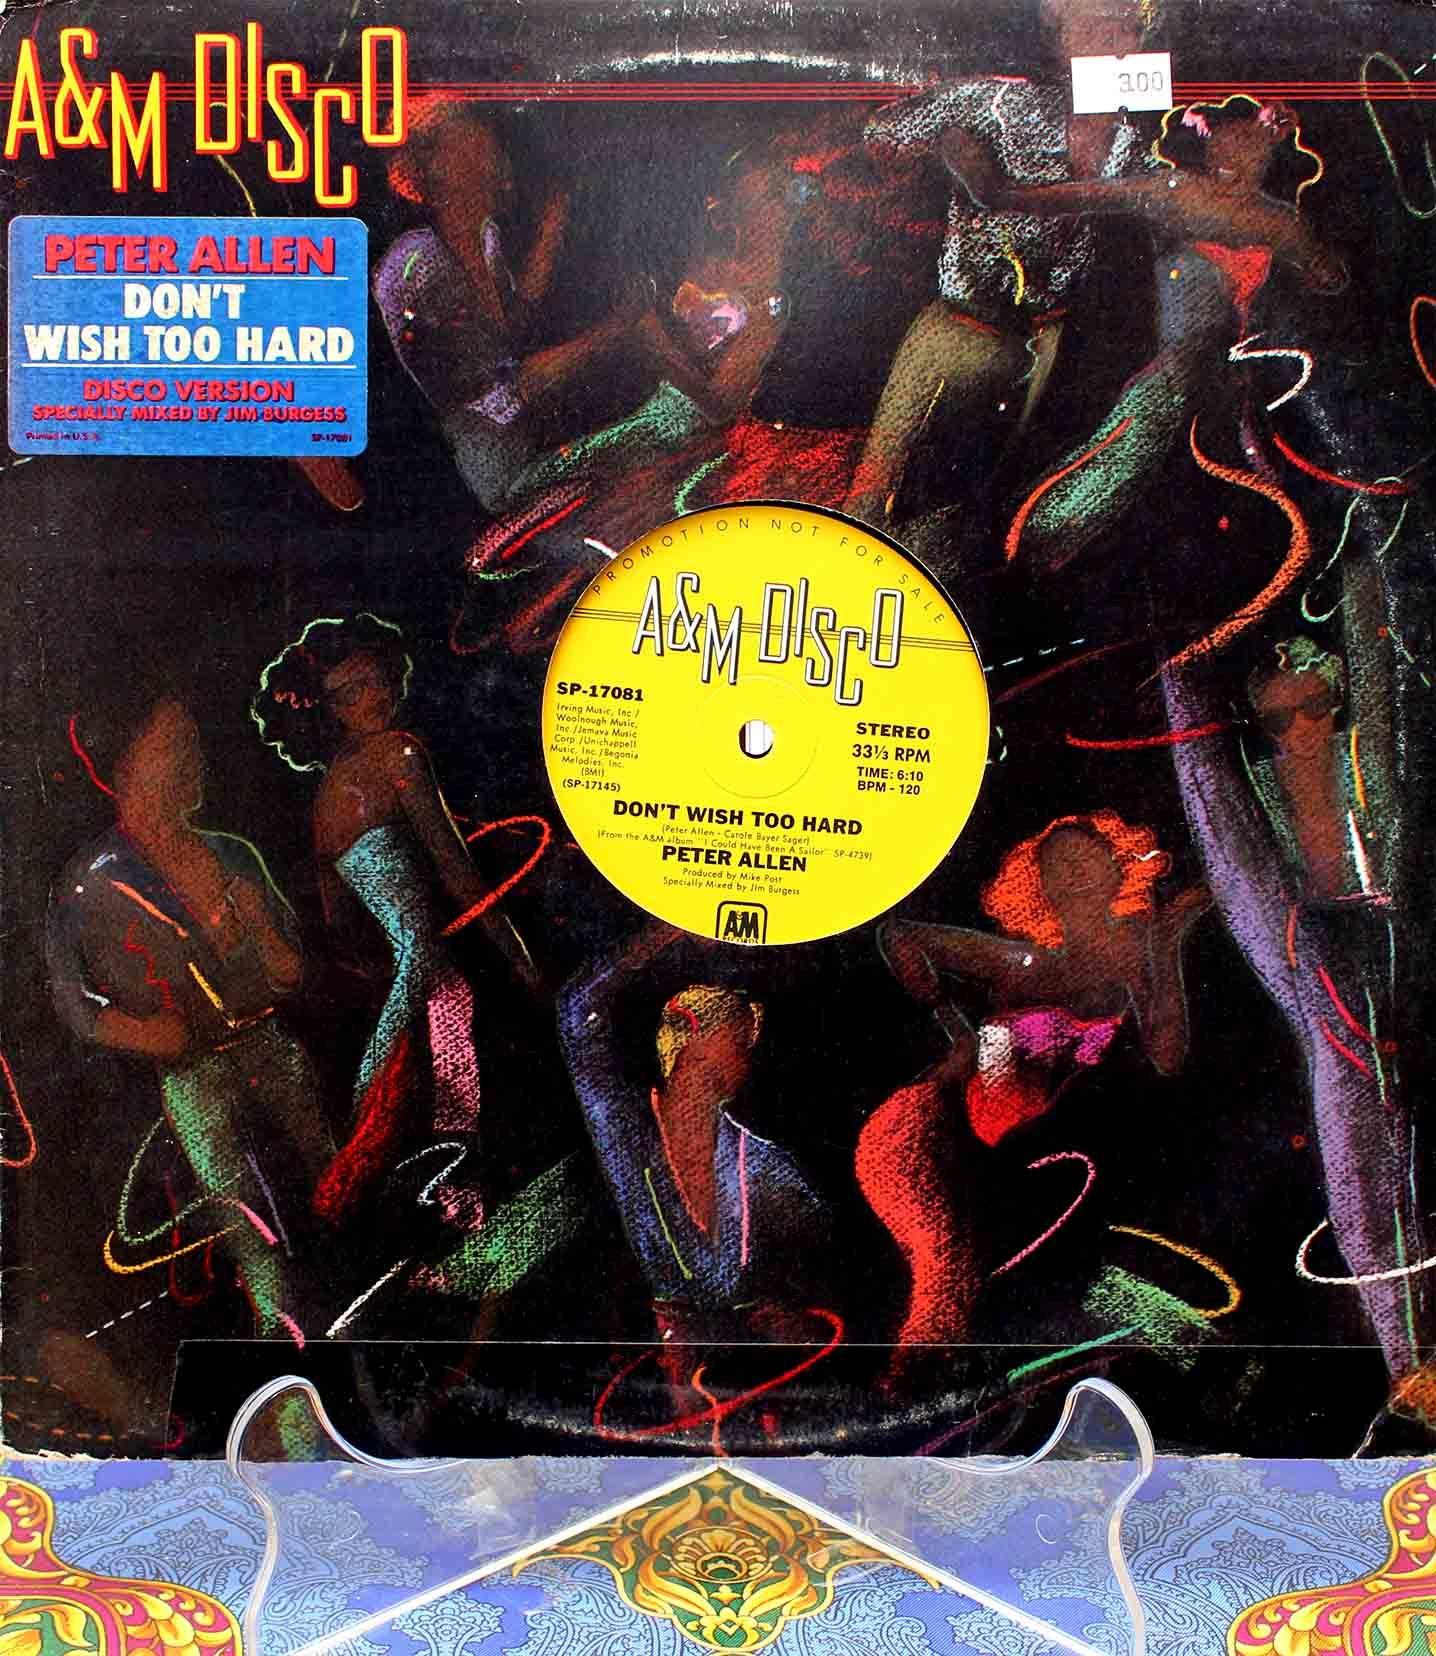 Peter Allen - Dont wish too hard 01